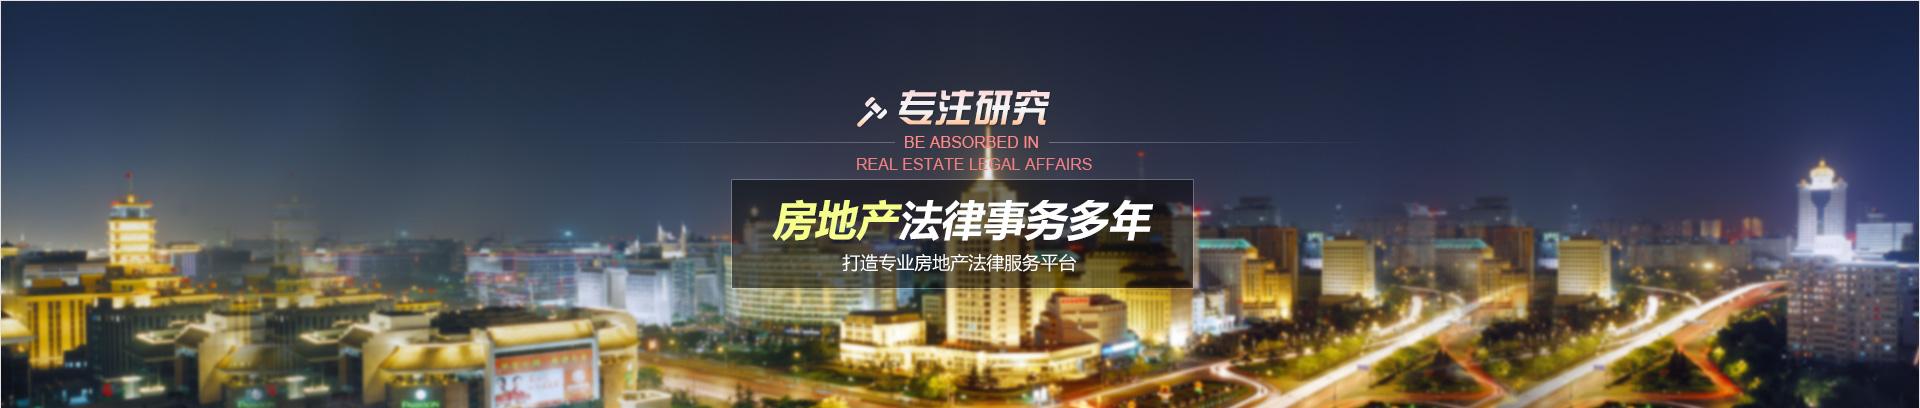 广州房产律师